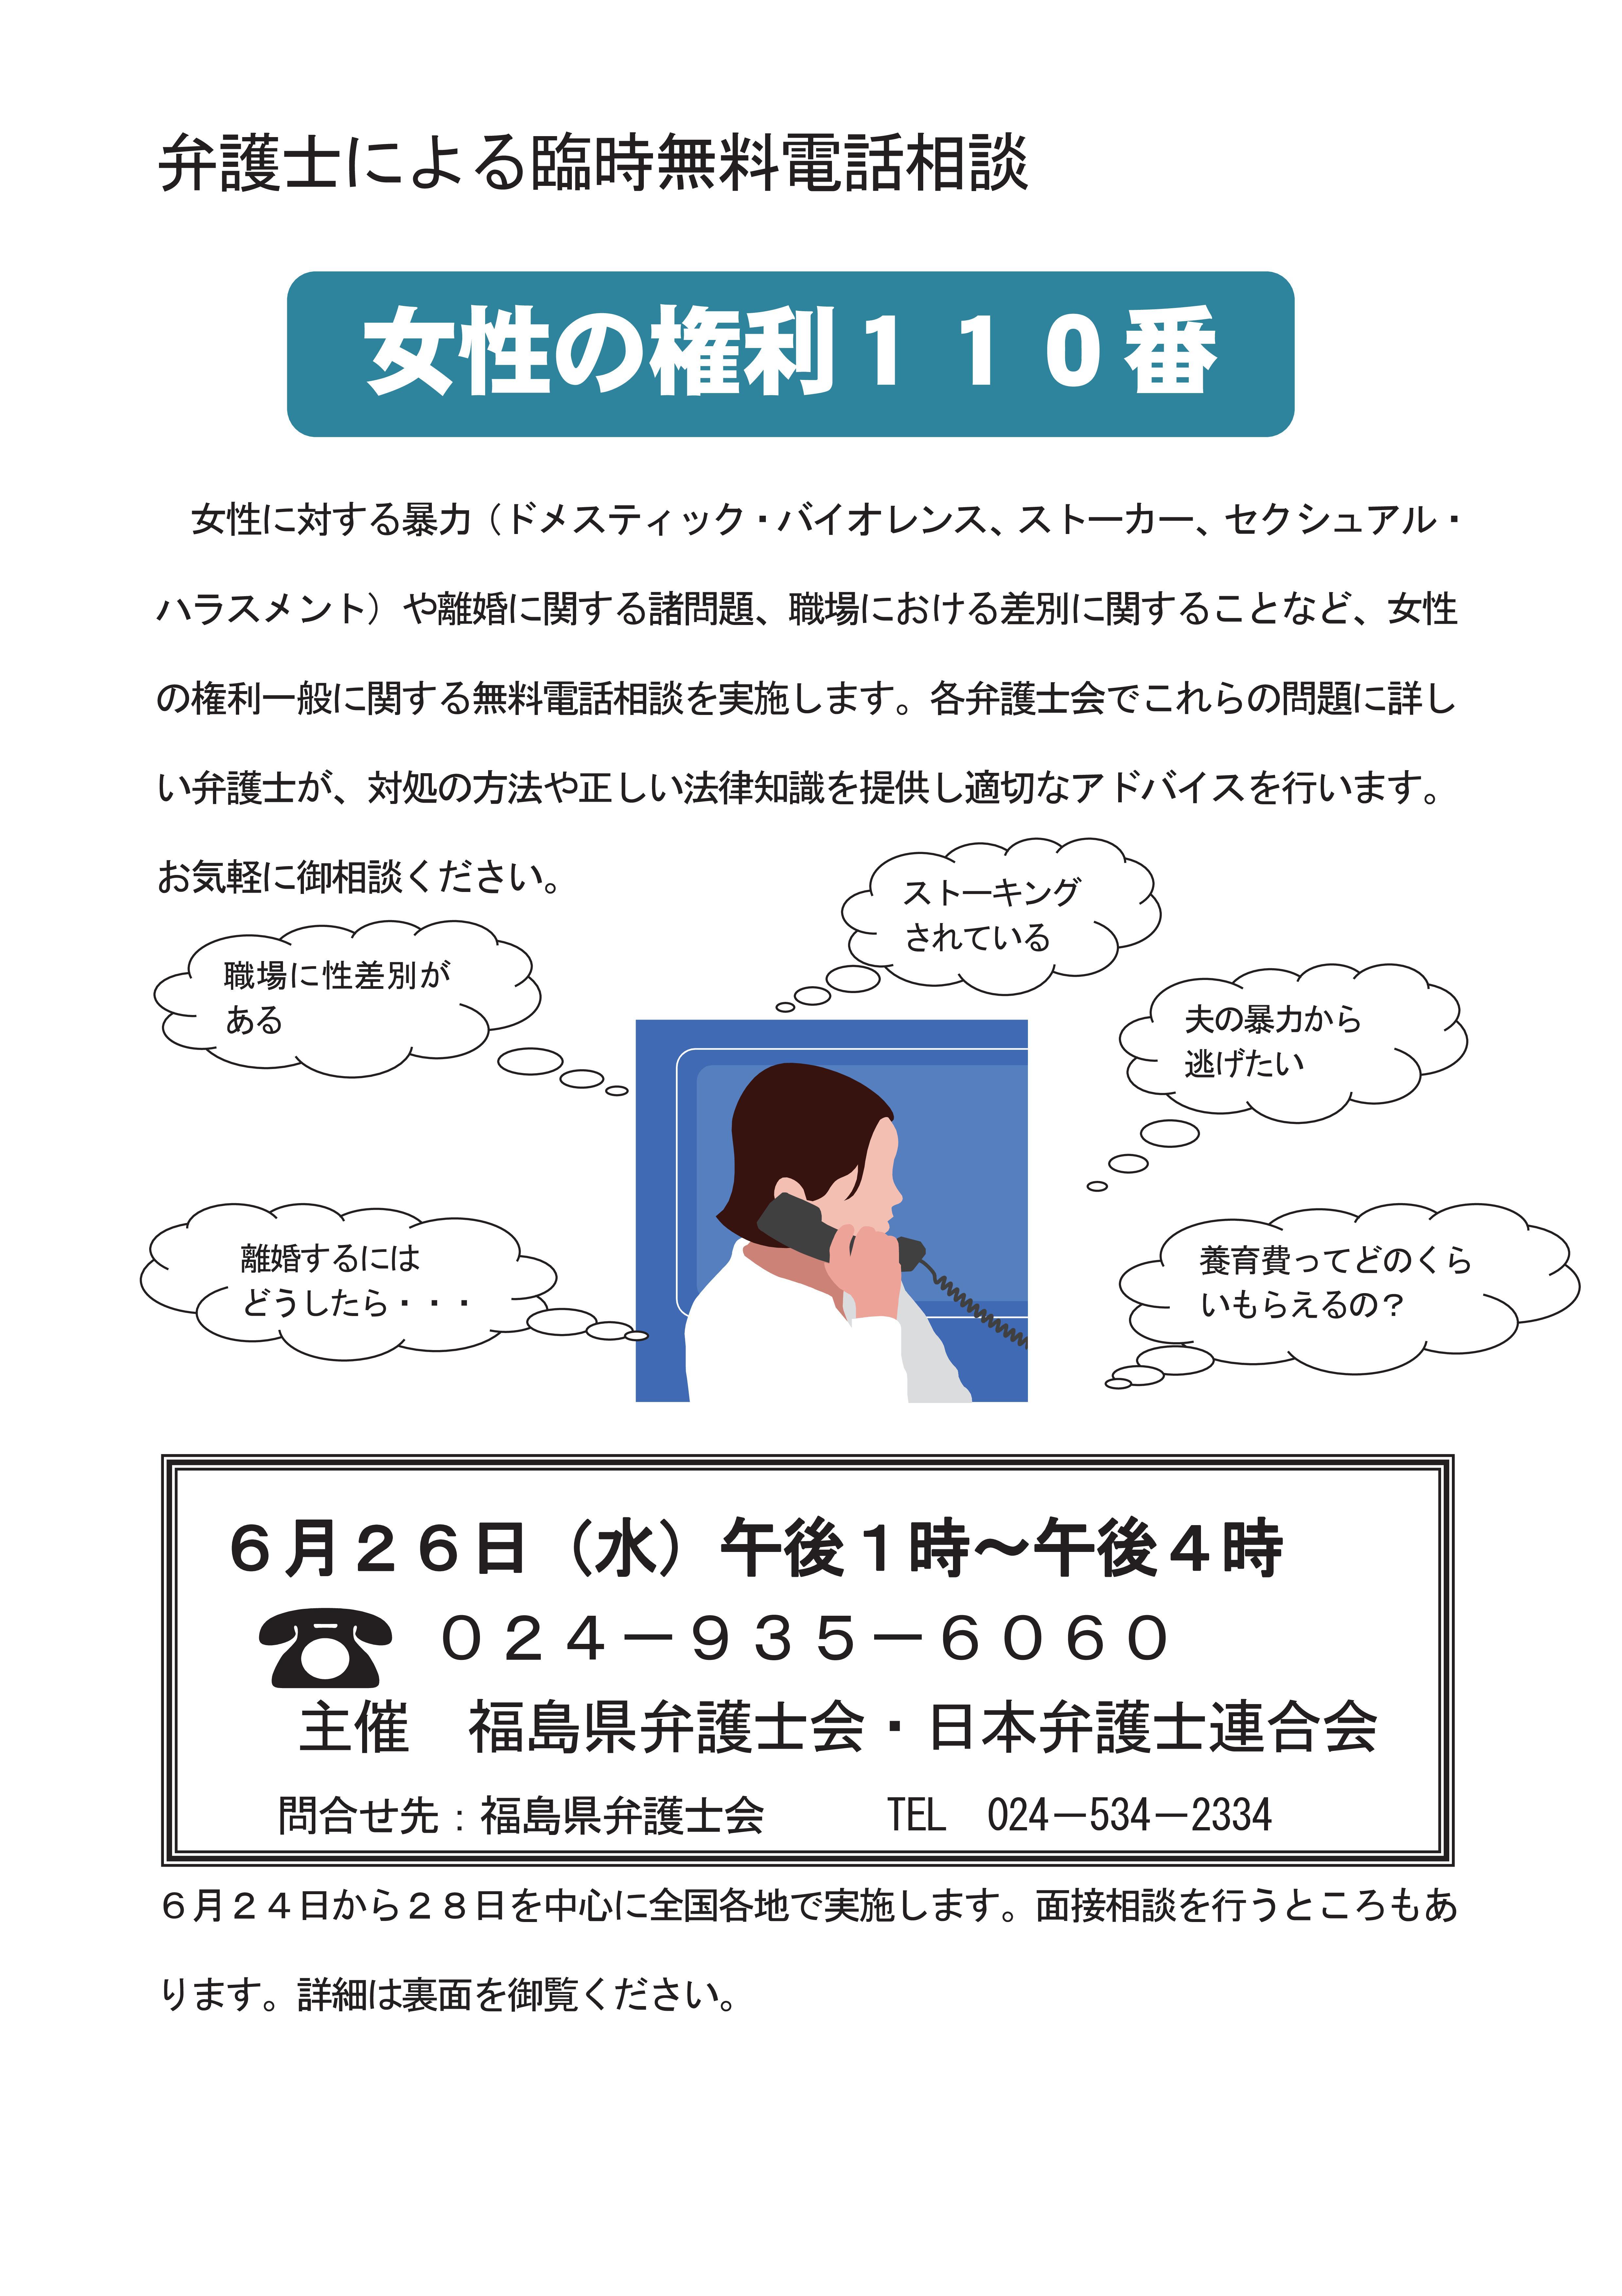 女性の権利110番(オモテ)